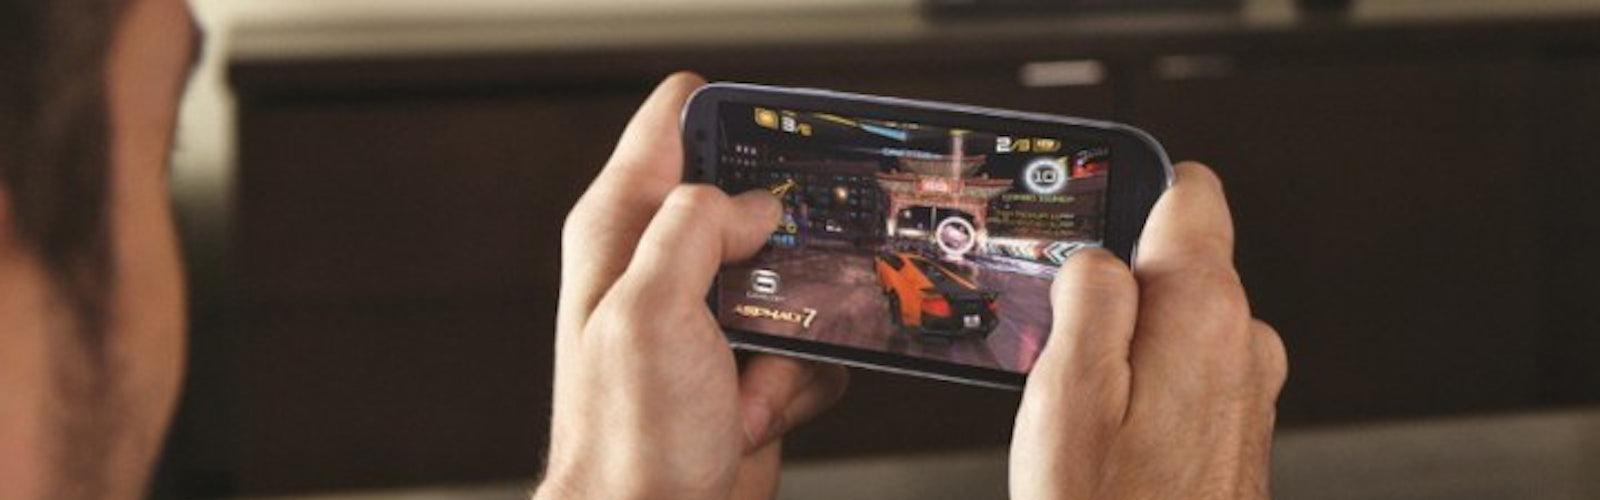 Mobile casinos in india